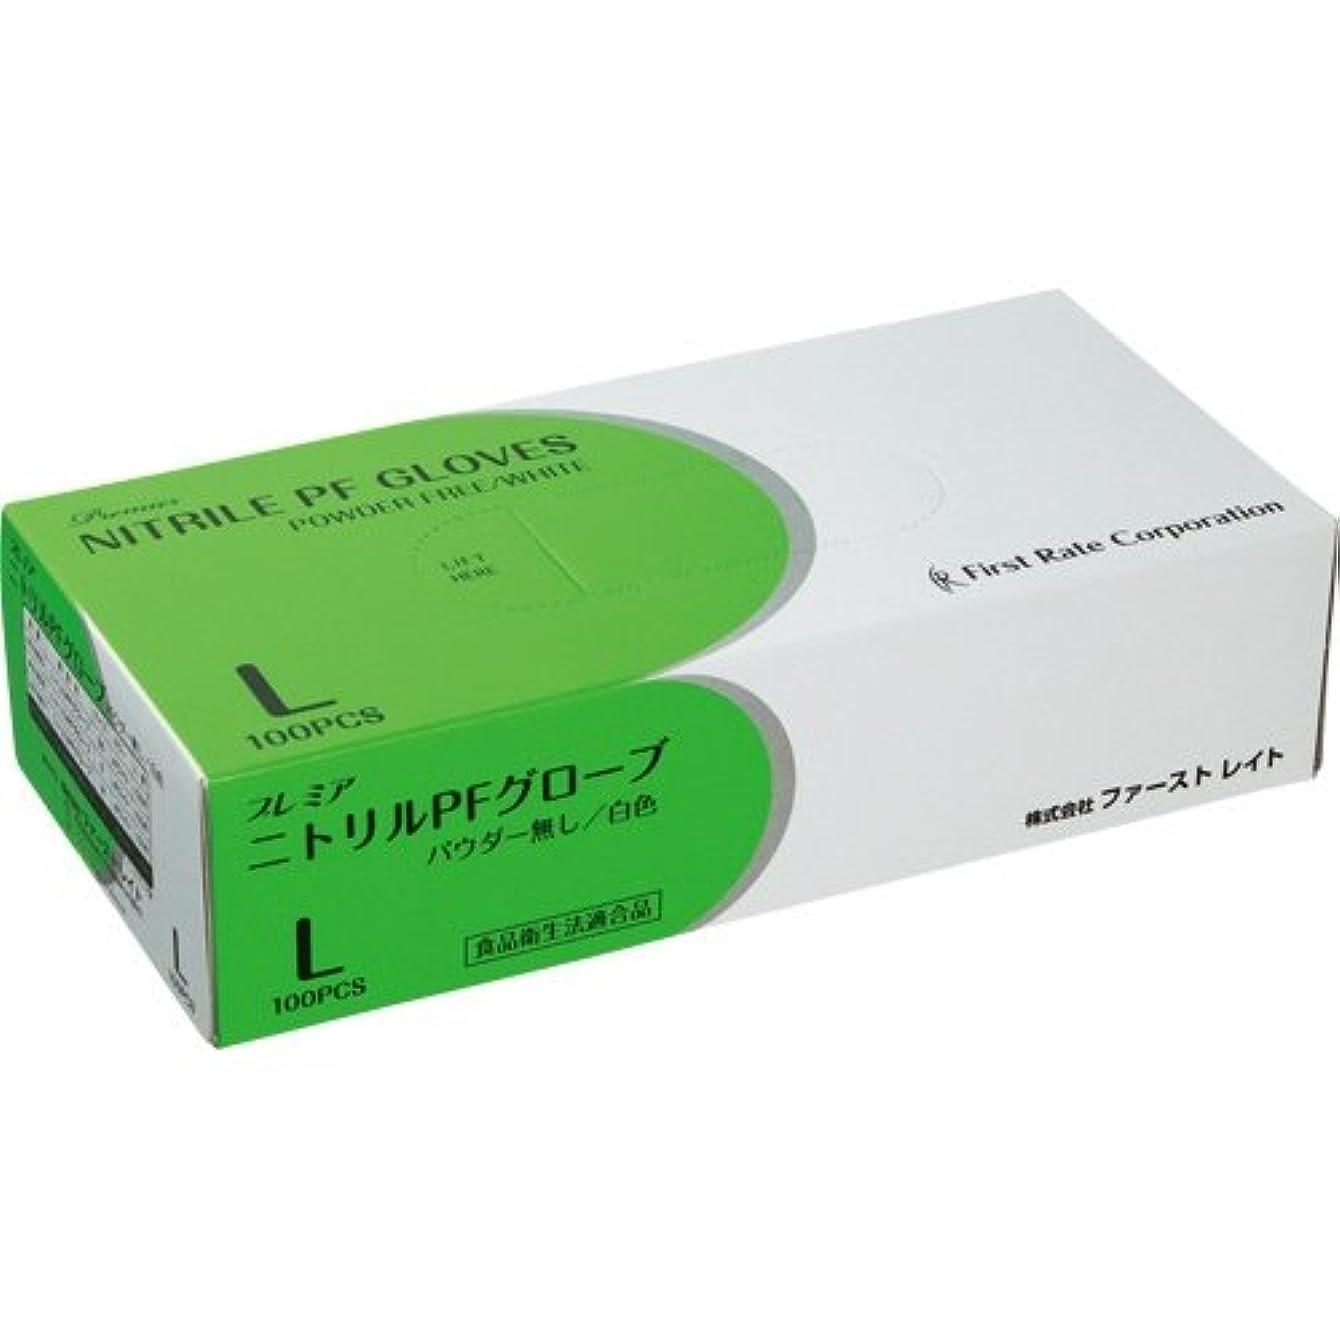 雑種バルク部分的にファーストレイト プレミアニトリルPFグローブ パウダーフリー ホワイト L FR-858 1セット(1000枚:100枚×10箱)